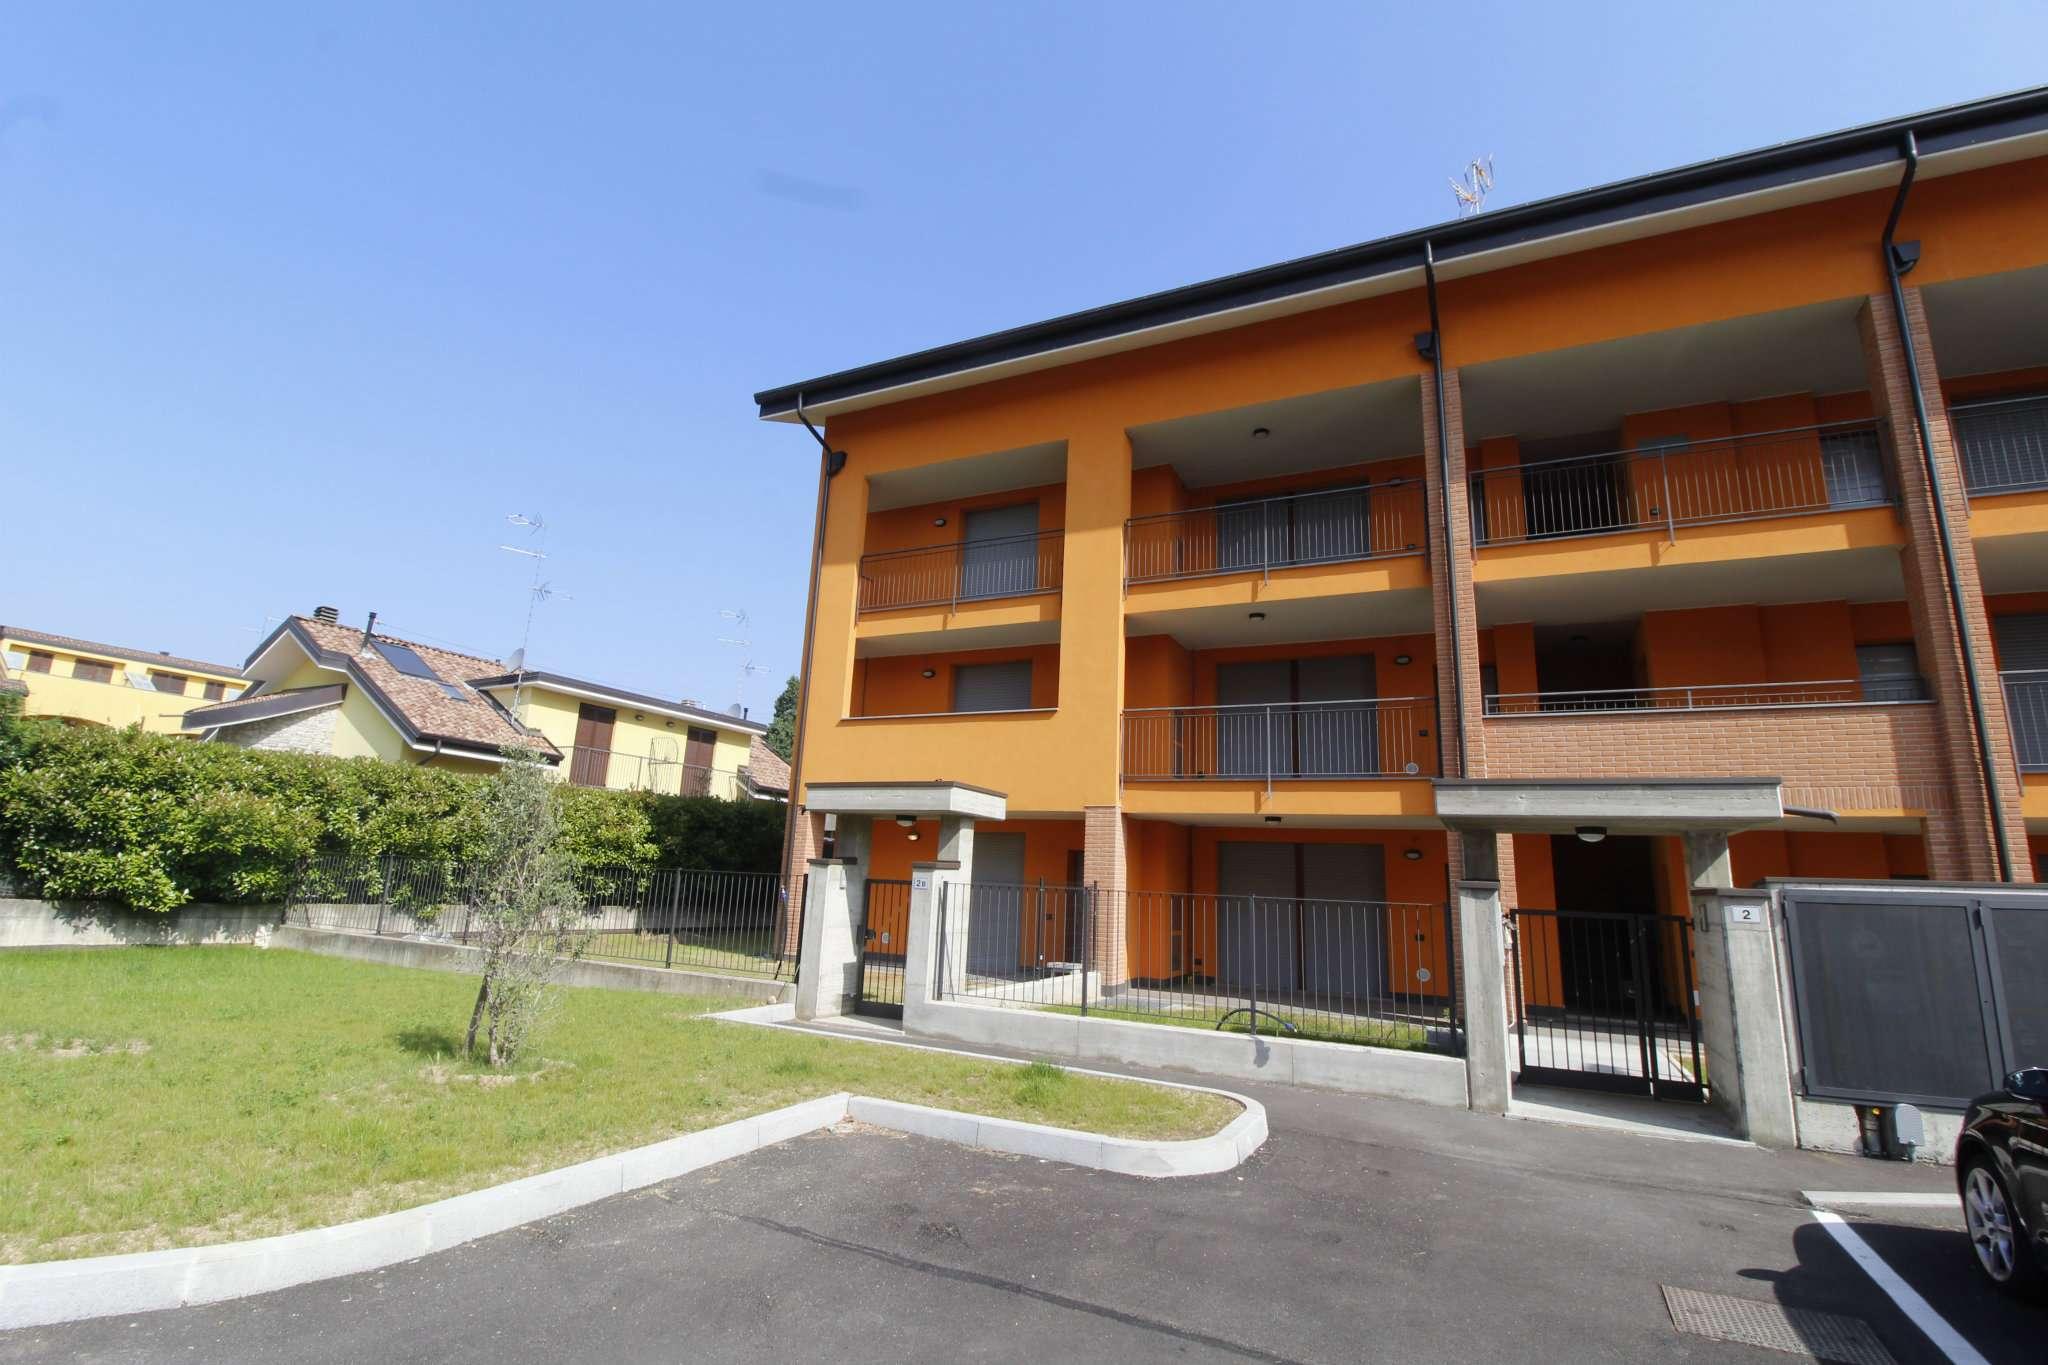 Appartamento in vendita a Mezzago, 3 locali, prezzo € 165.000 | CambioCasa.it